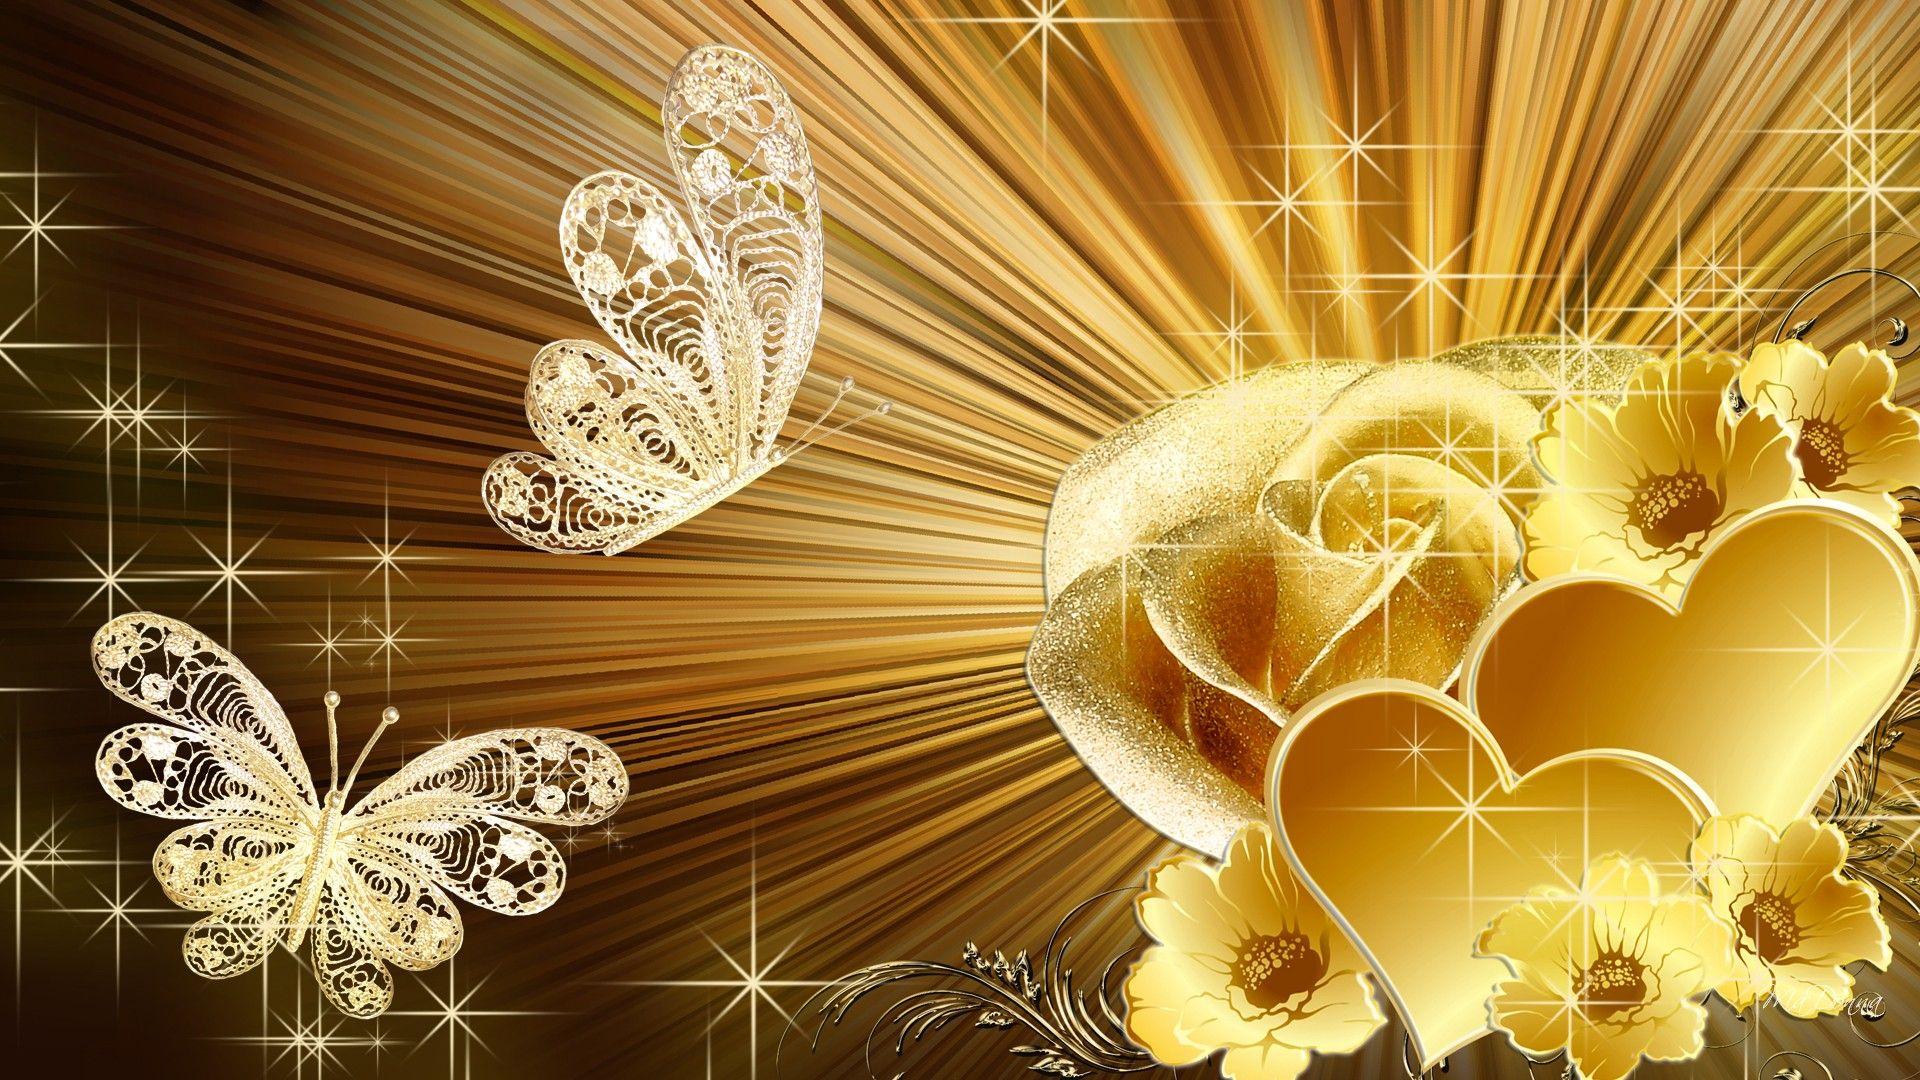 goldenrosehdwallpaper521185.jpg (1920×1080) butterfly